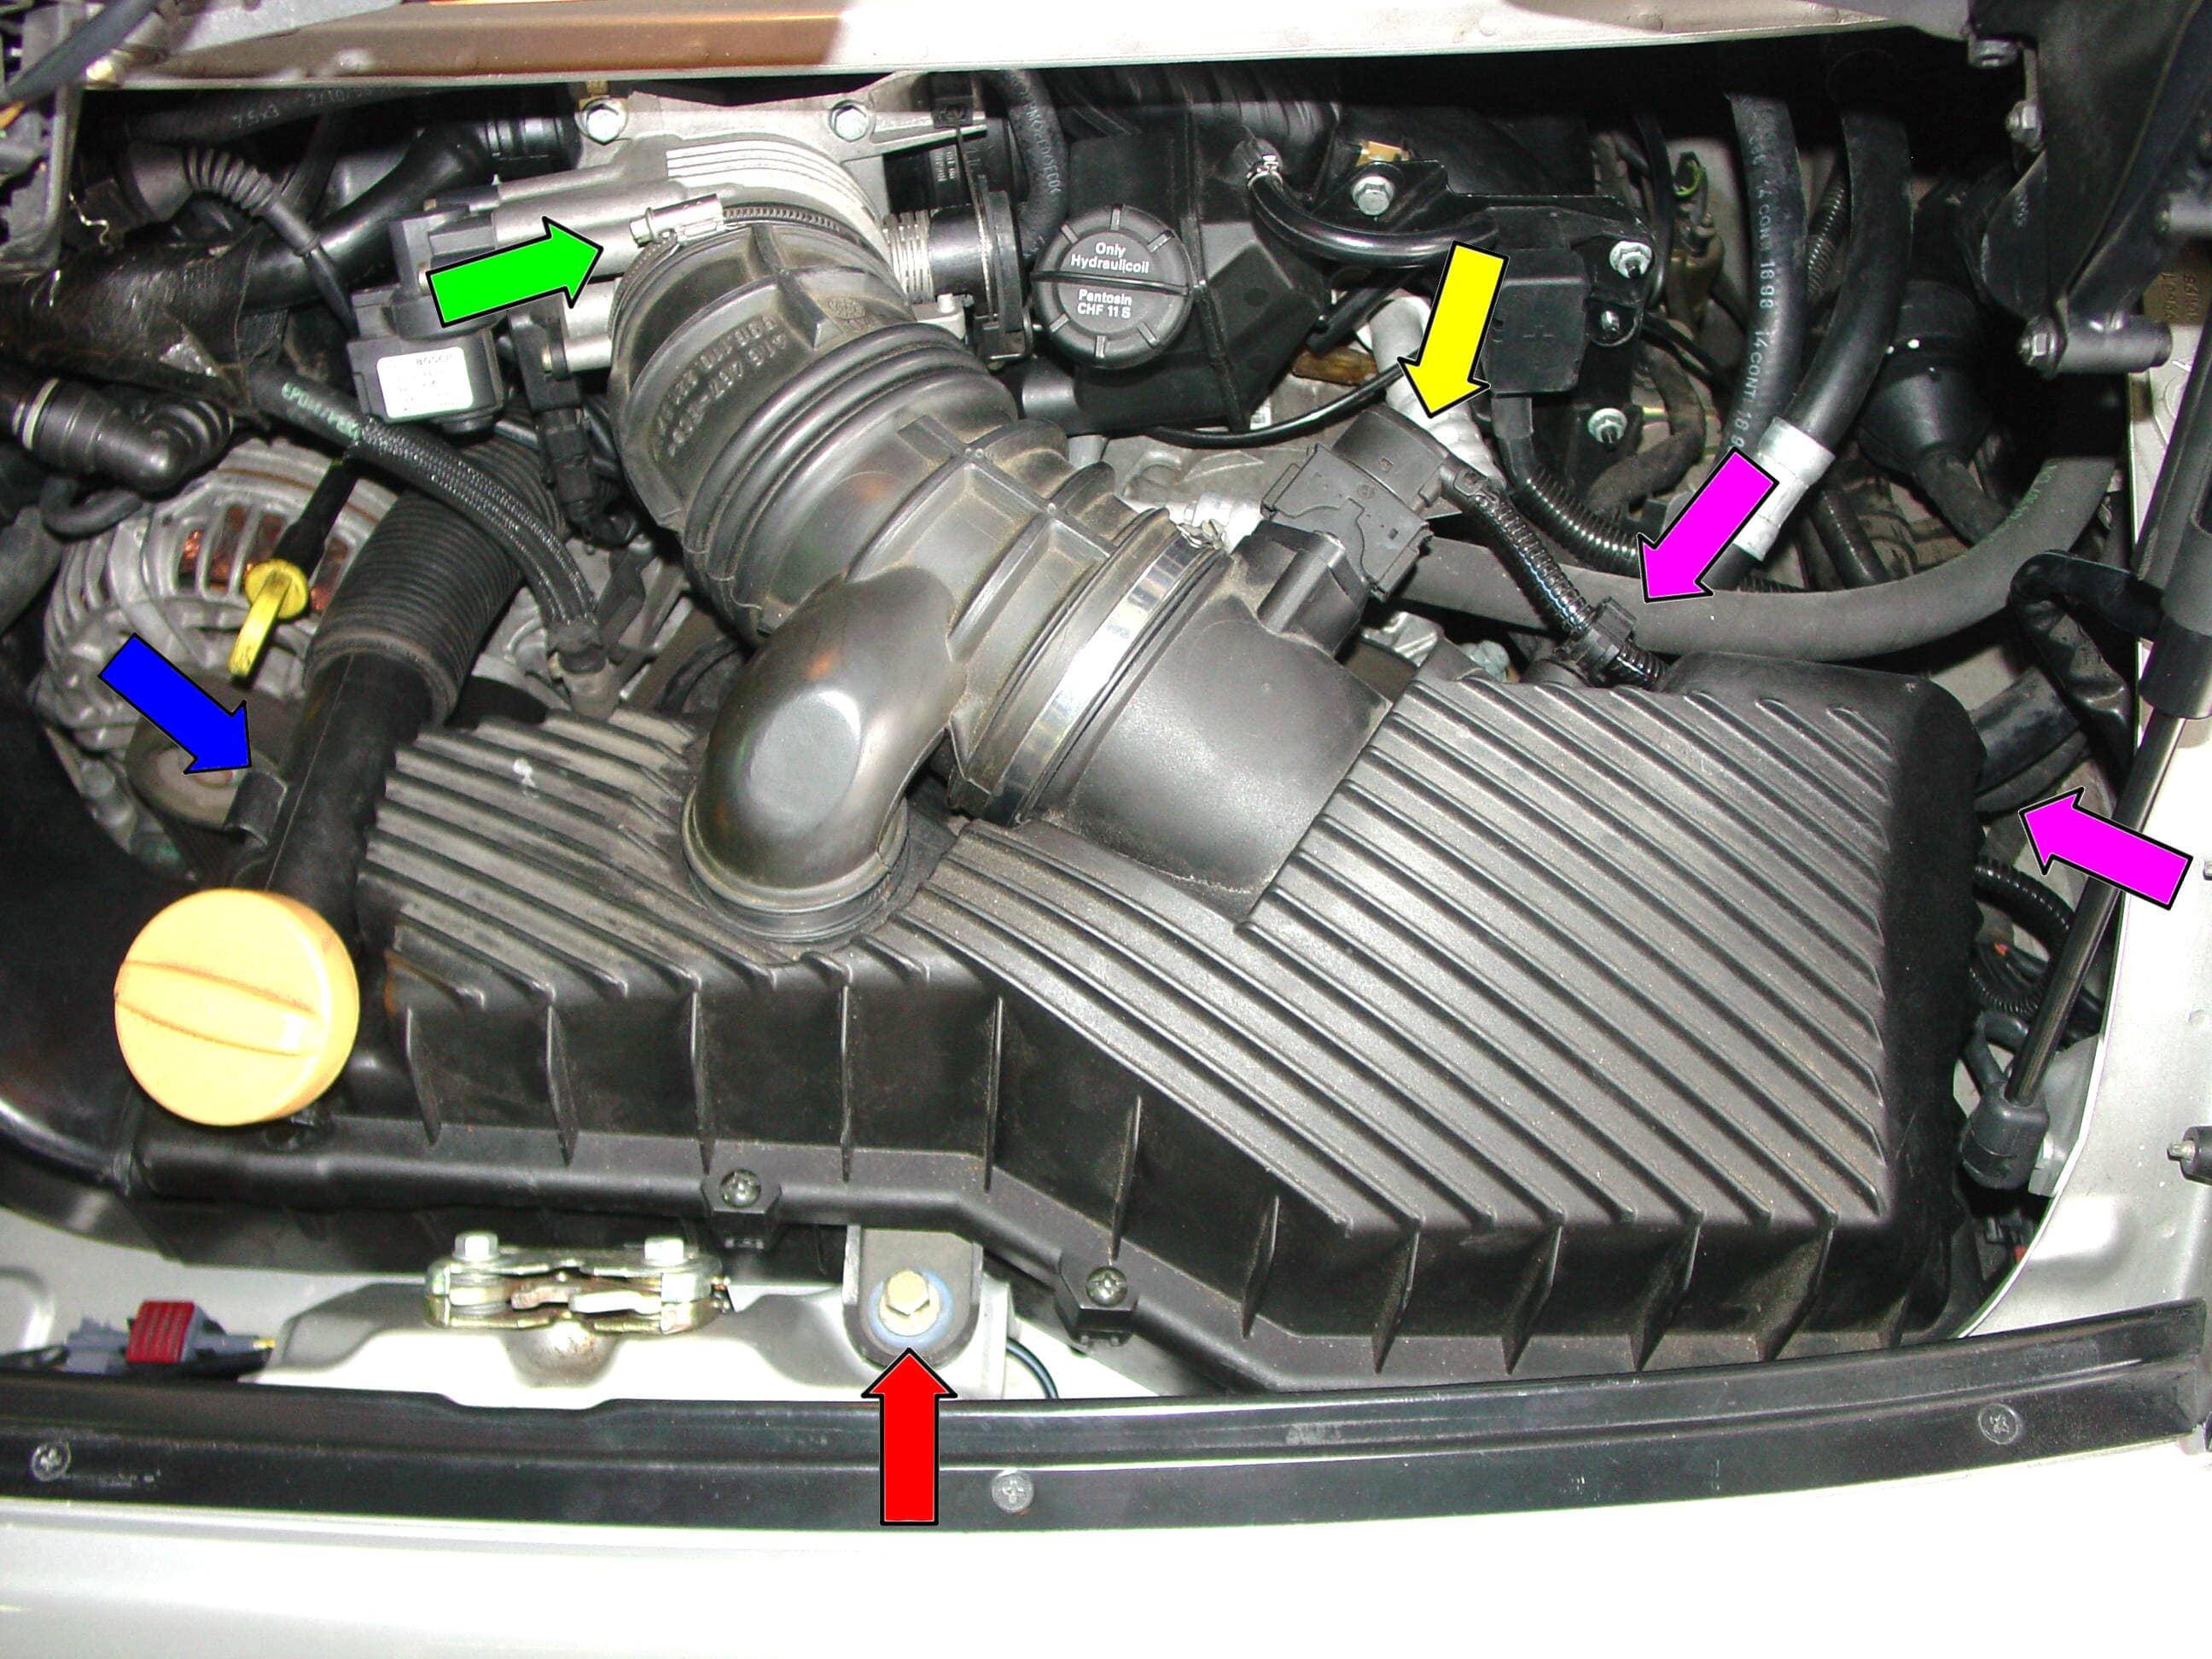 1974 porsche 911 wiper wiring diagram porsche 911 carrera engine drop 996 1998 2005 997 #6